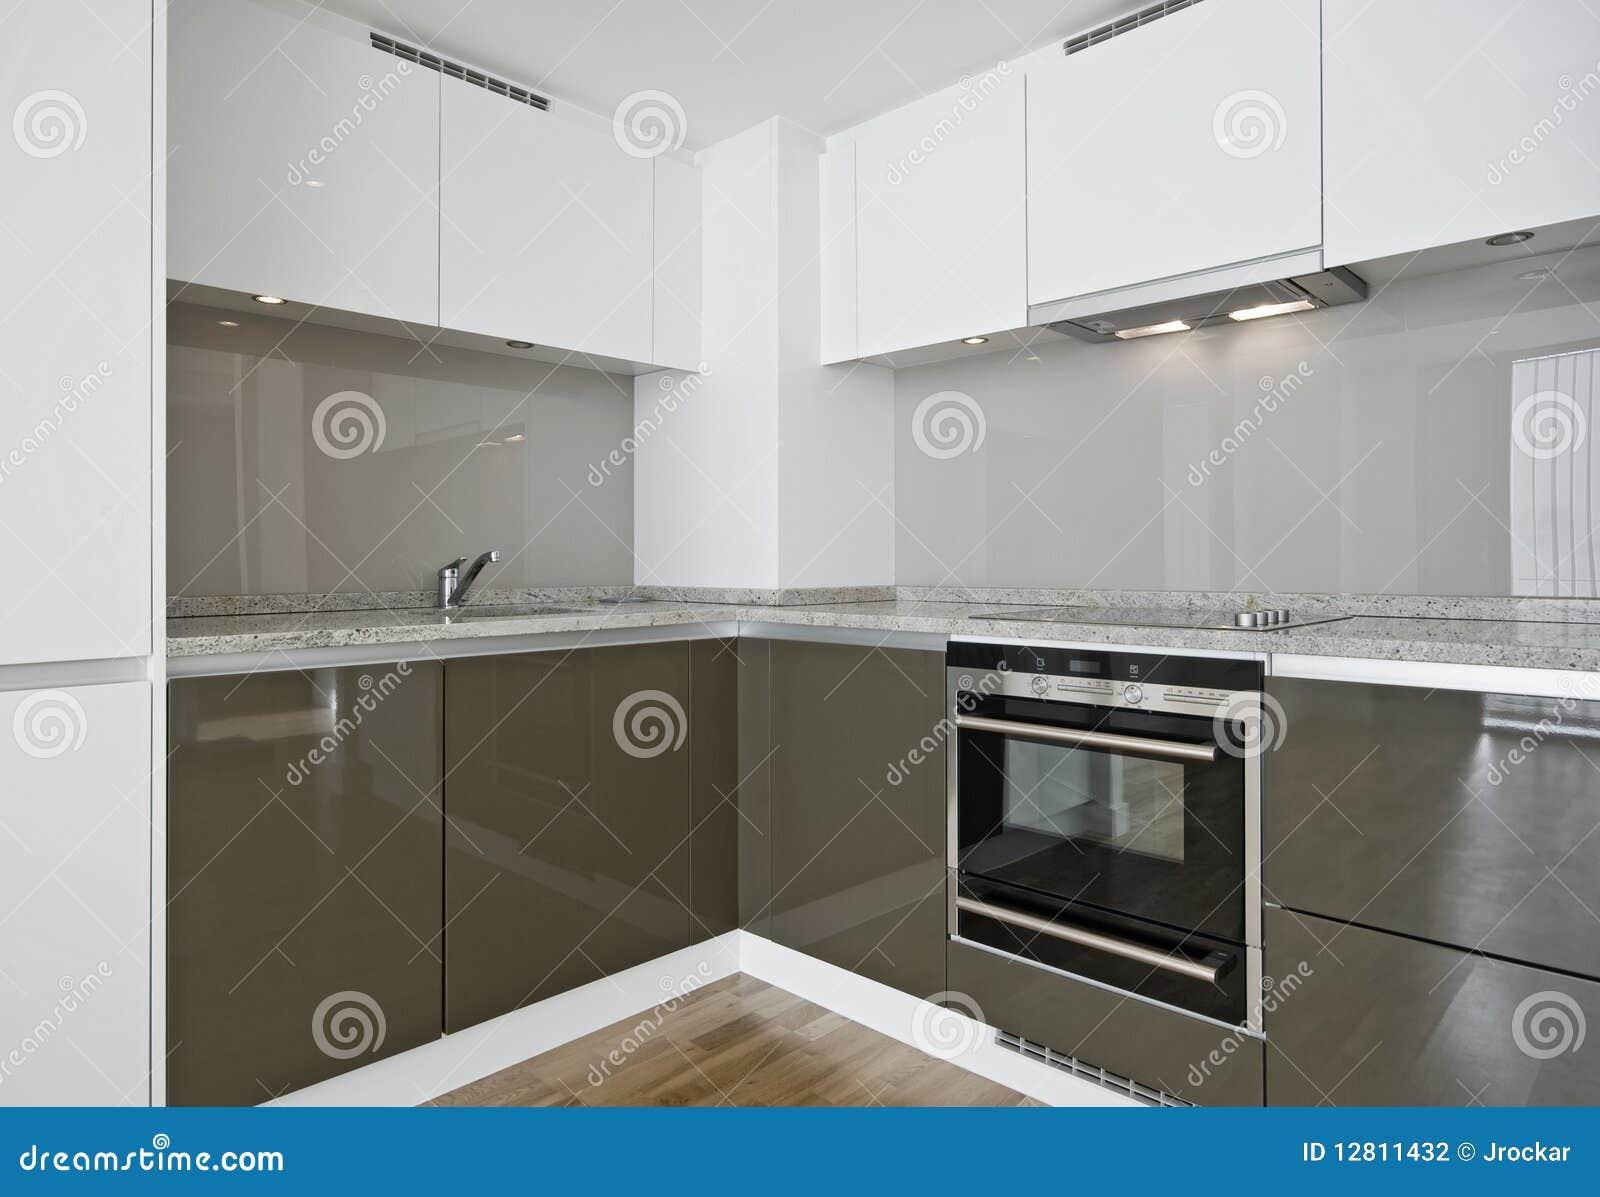 #82A328 Unidade moderna do canto da cozinha com worktop da pedra do granito. 1300x989 px Projetos Da Unidade De Cozinha_539 Imagens